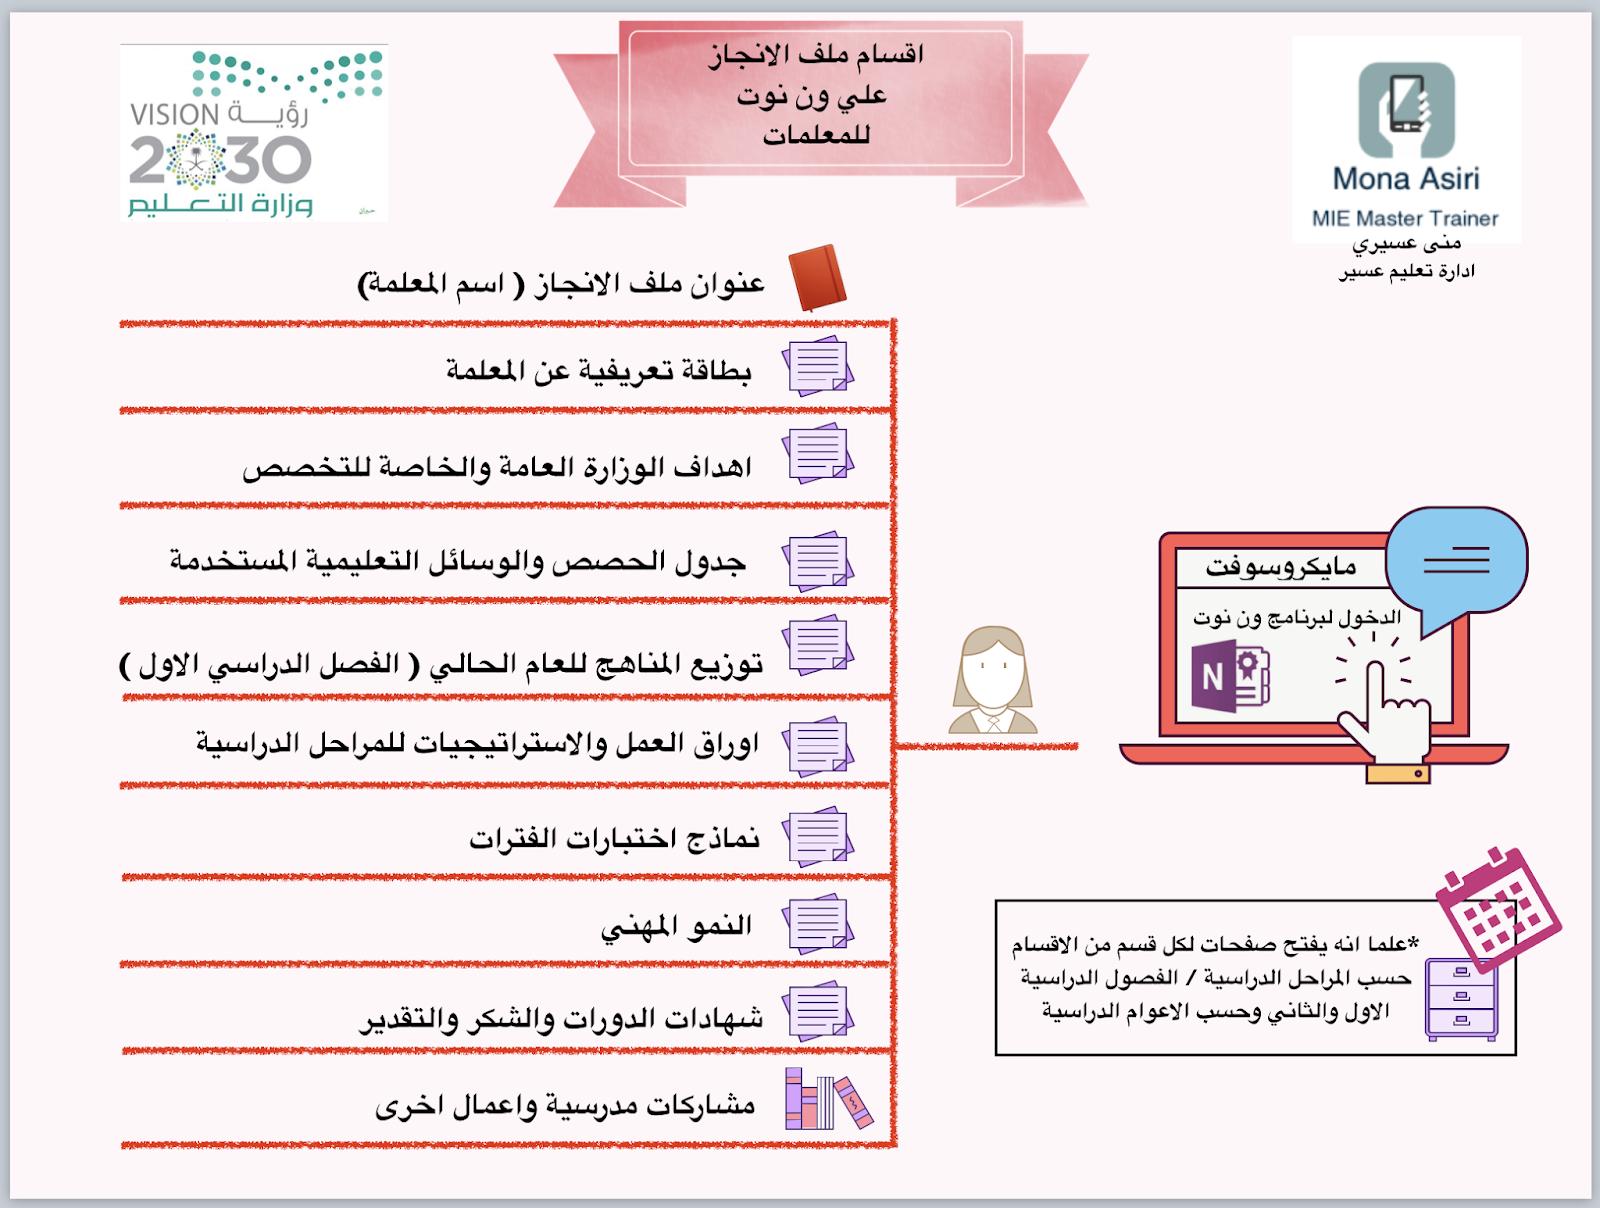 مدونة منـــى عســــيري اللغة الانجليزية ملف الانجاز